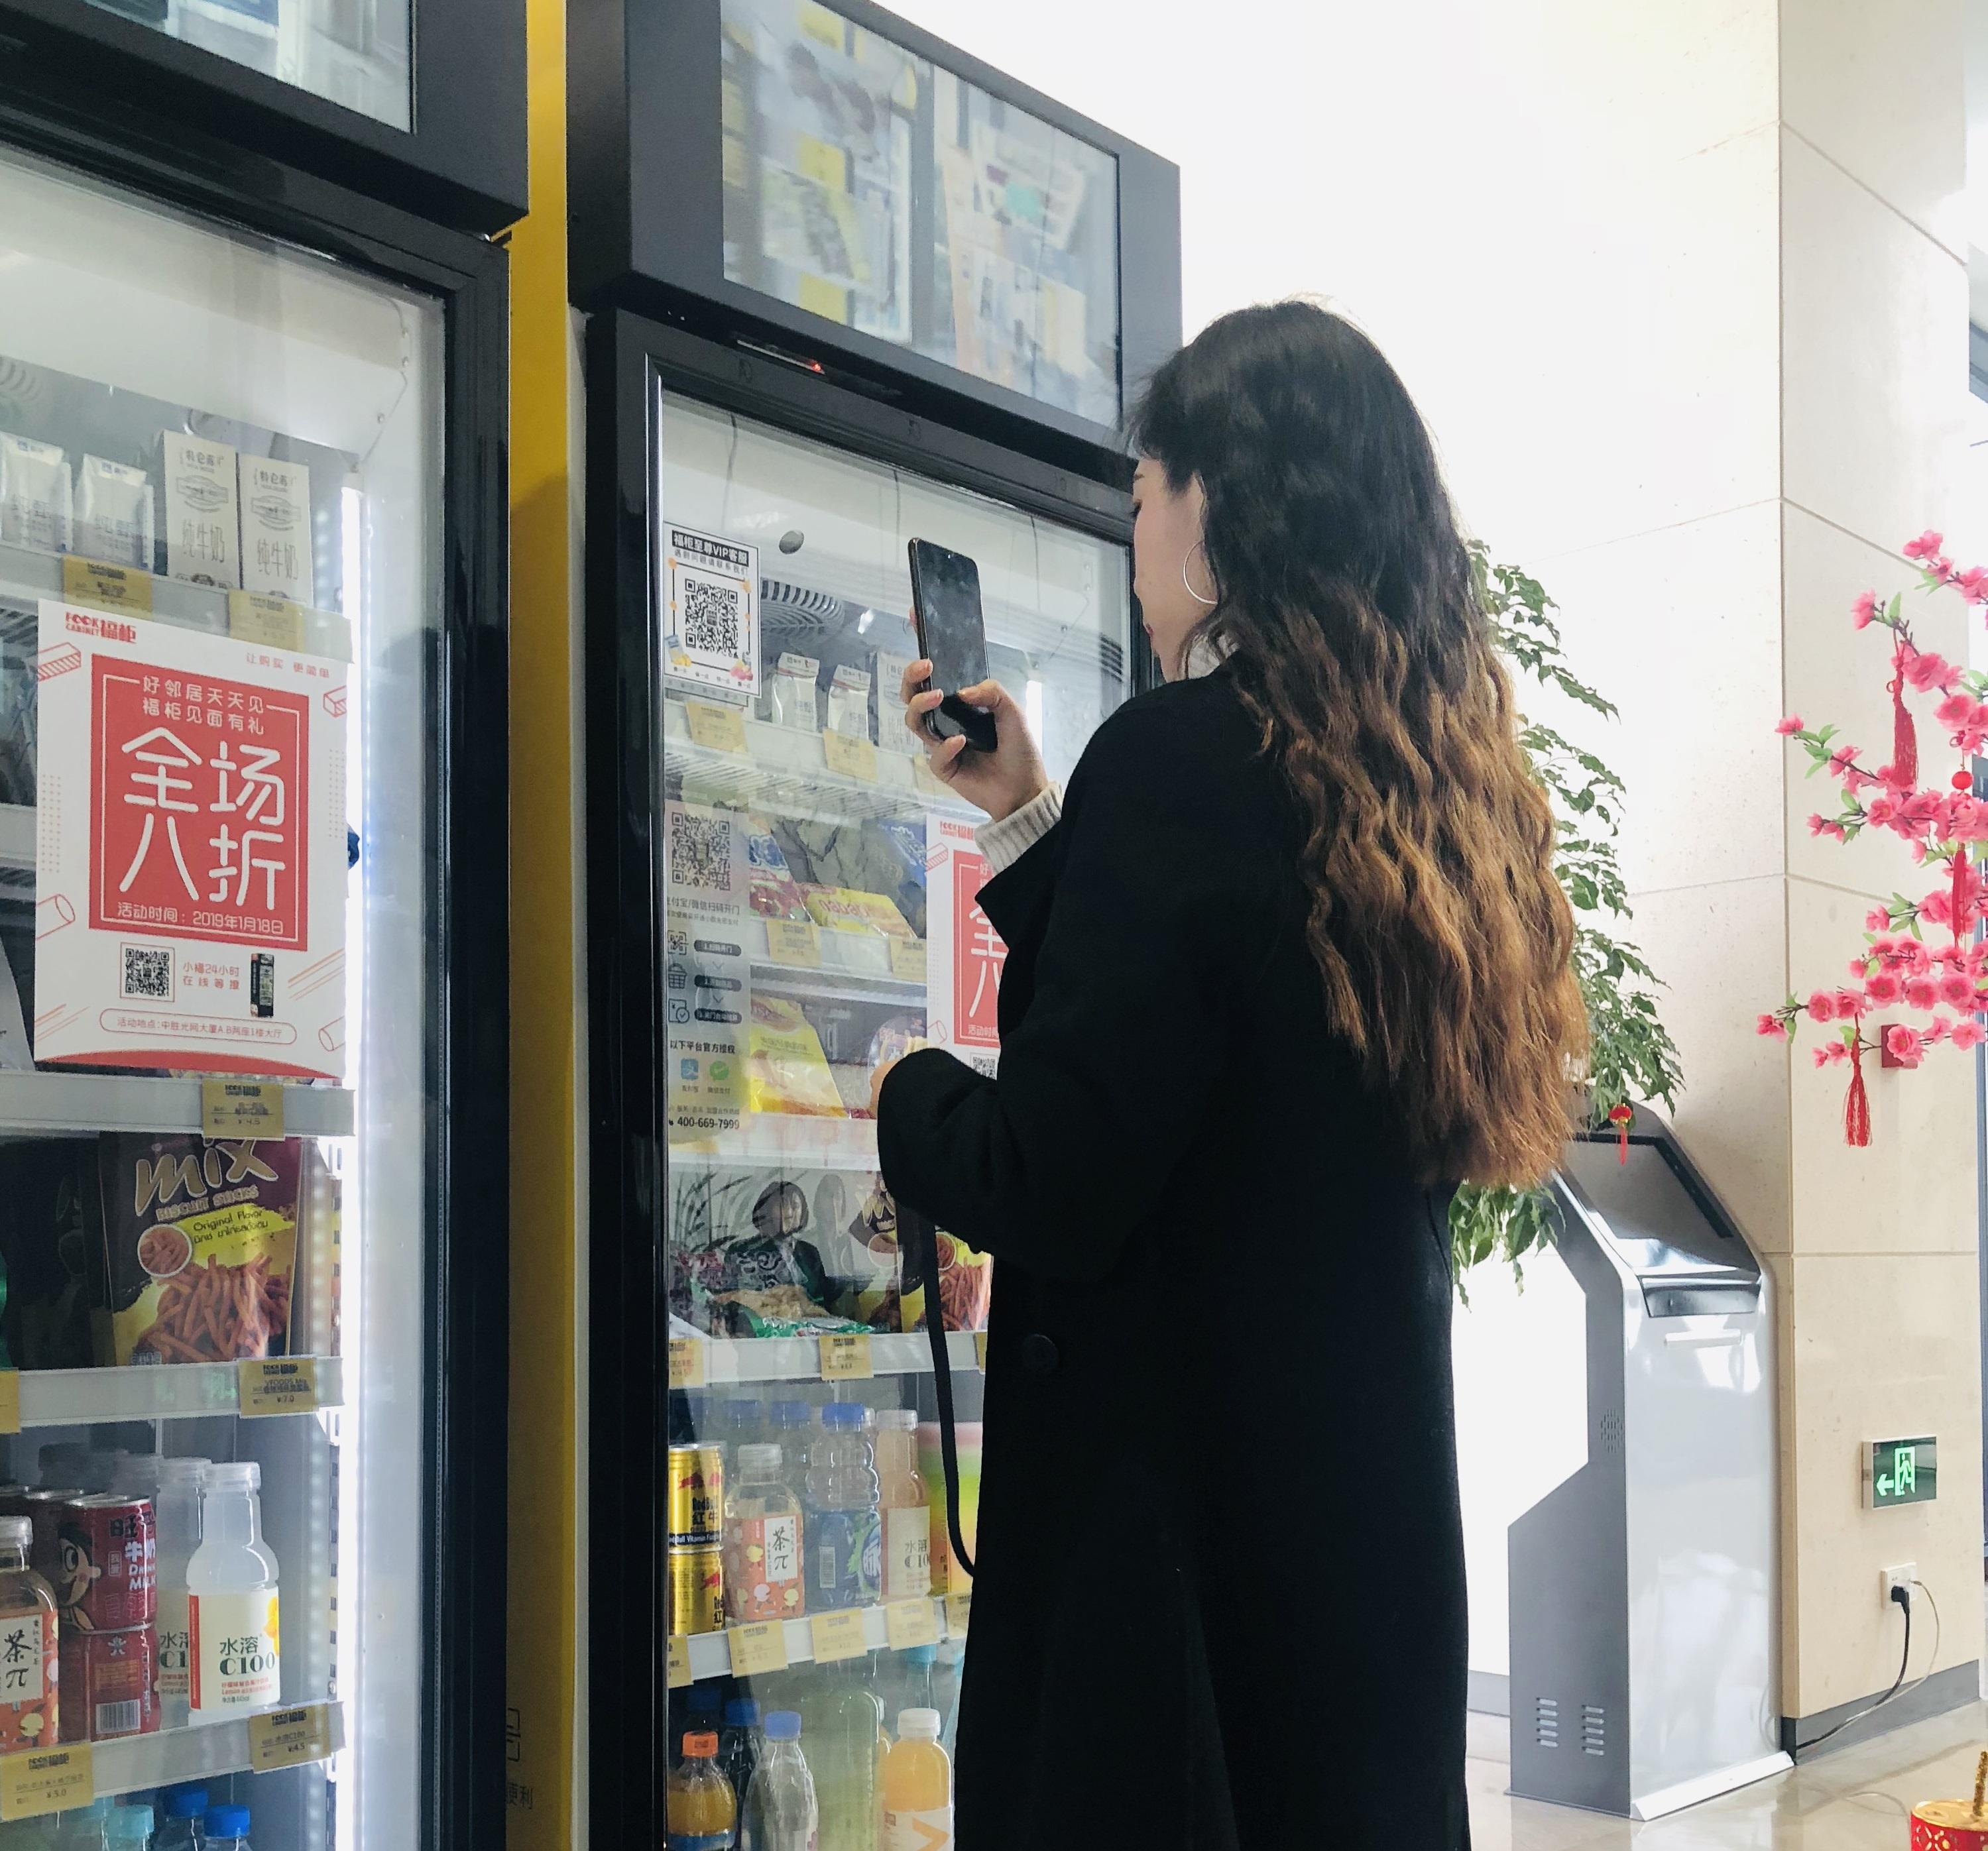 福柜无人智能货柜或解深夜购物难题